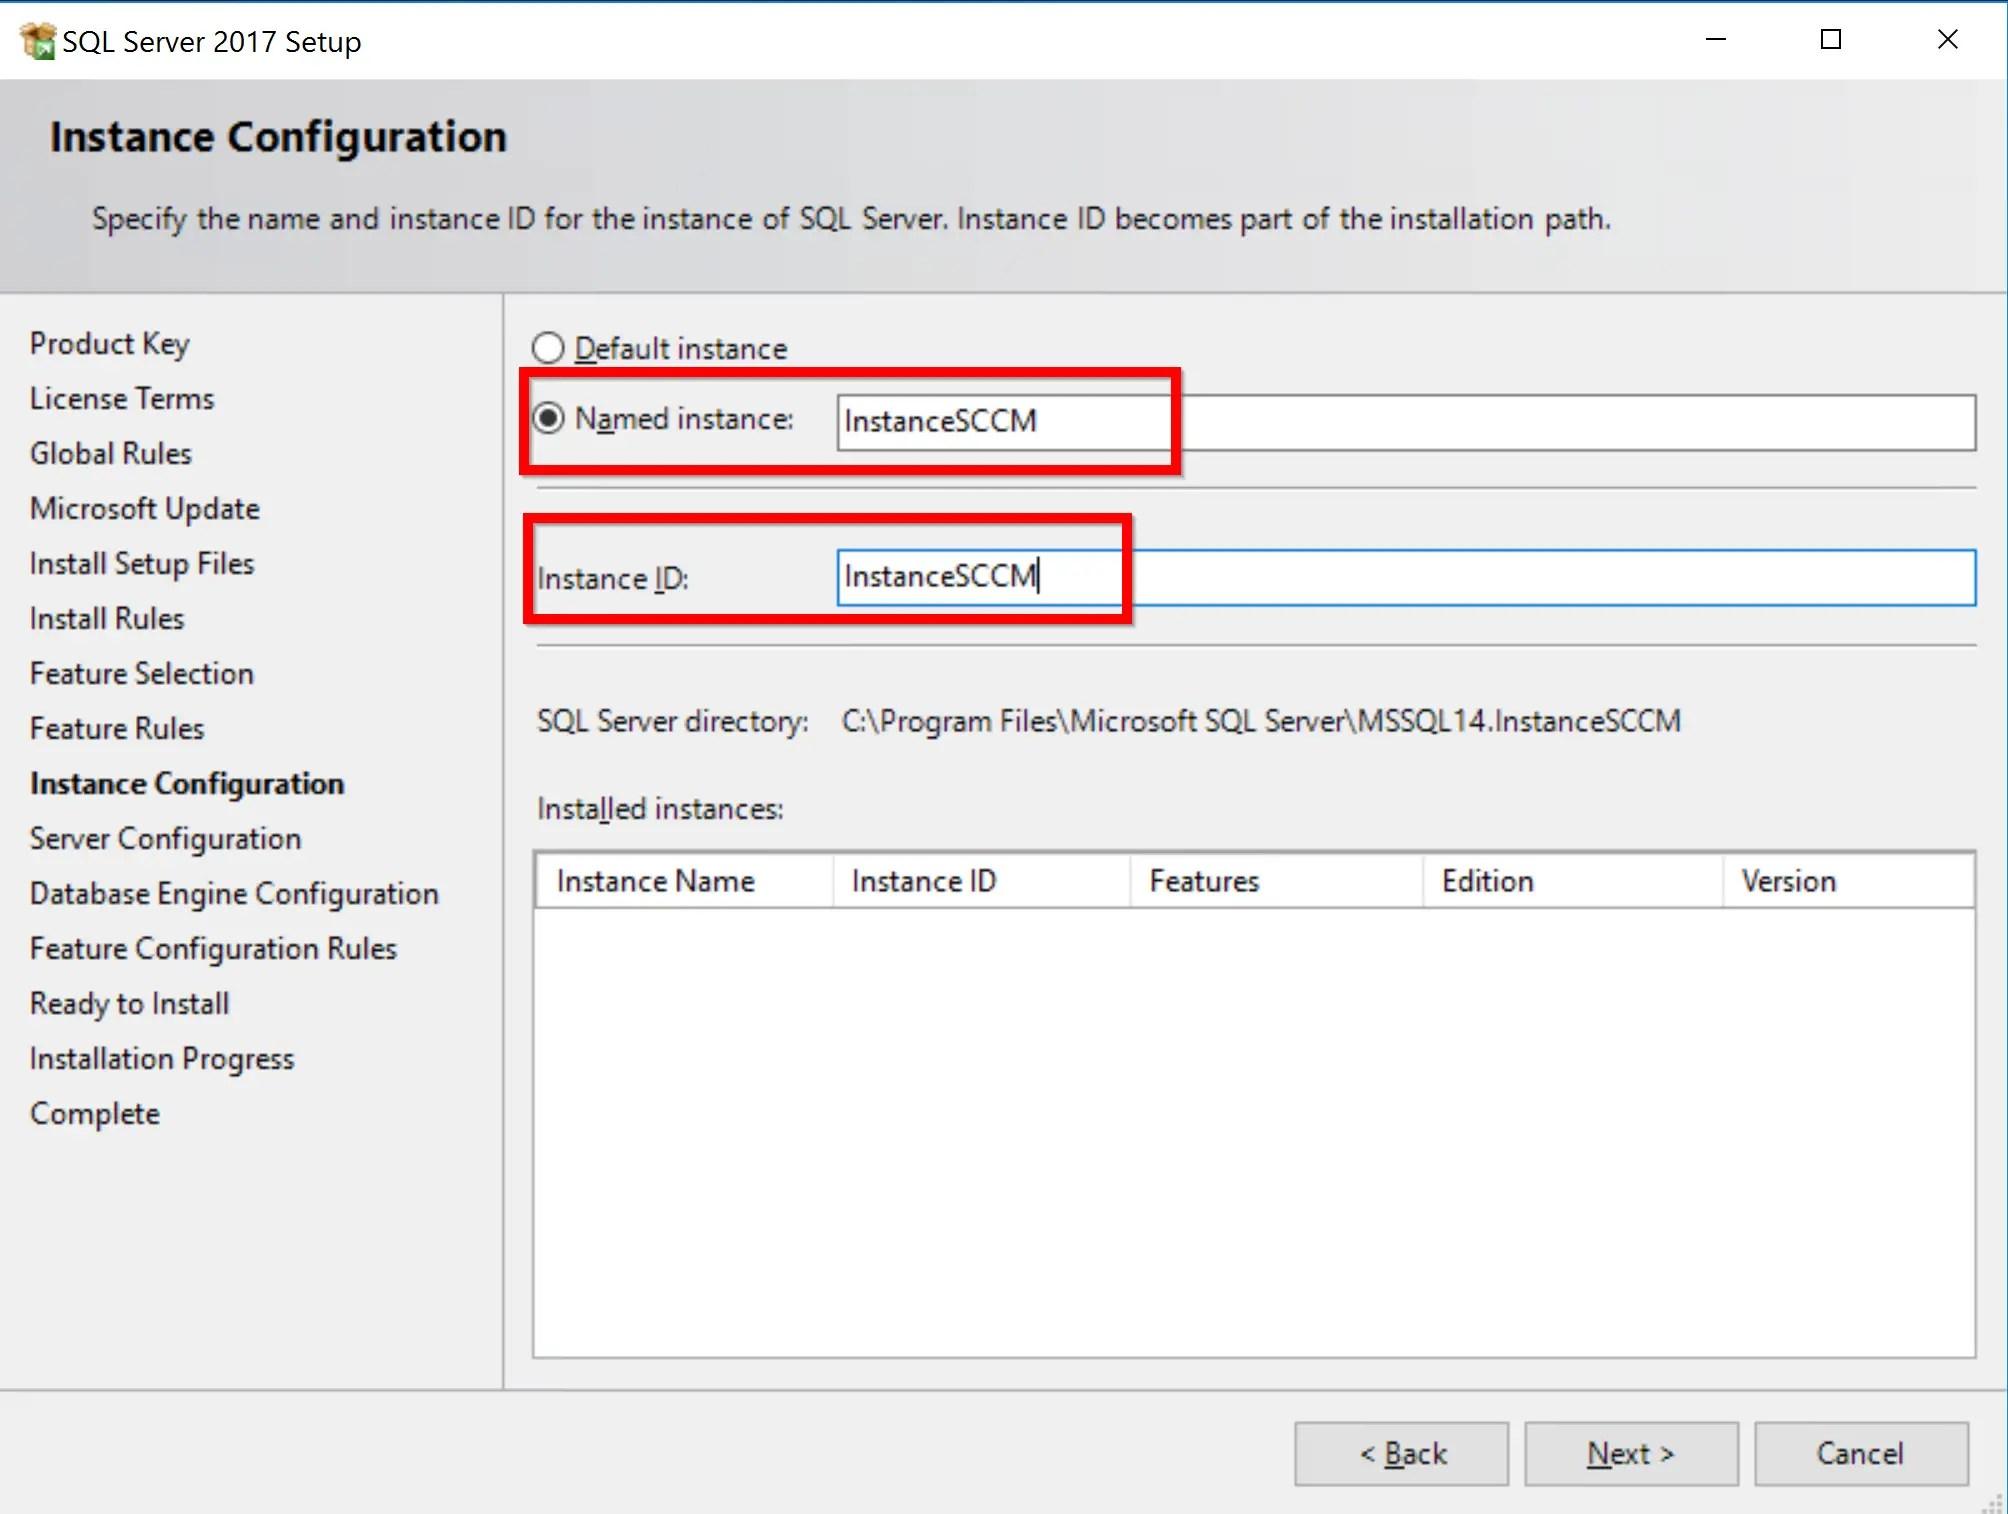 SQL Server 2017 Step by step for SCCM Installation 8